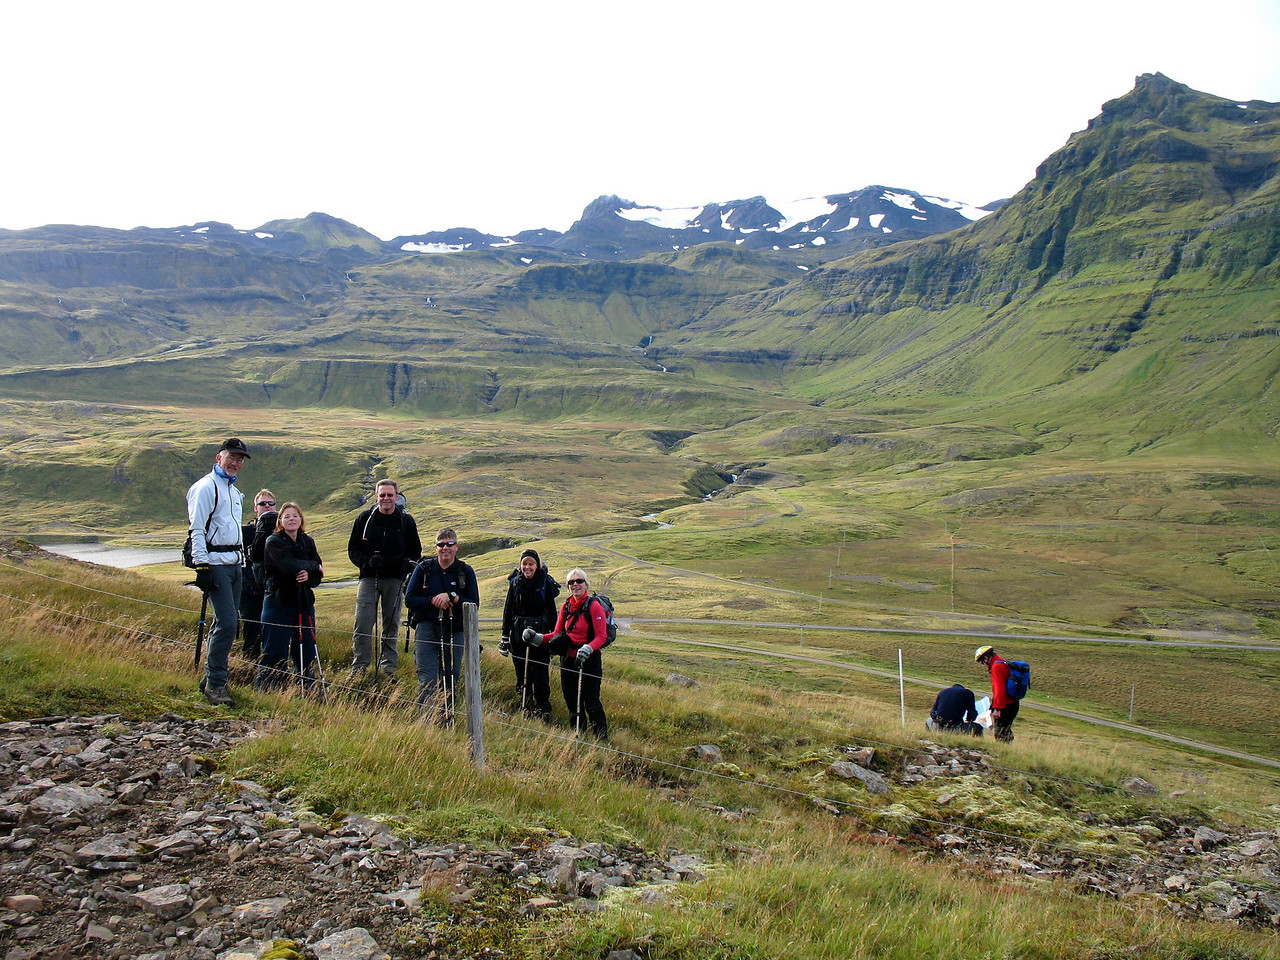 Lögð af stað. Þóroddur, Tómas, María, Gunnar, Stefán, Svana og Gerður. Skarphéðinn og Eilífur ráða ráðum sínum.